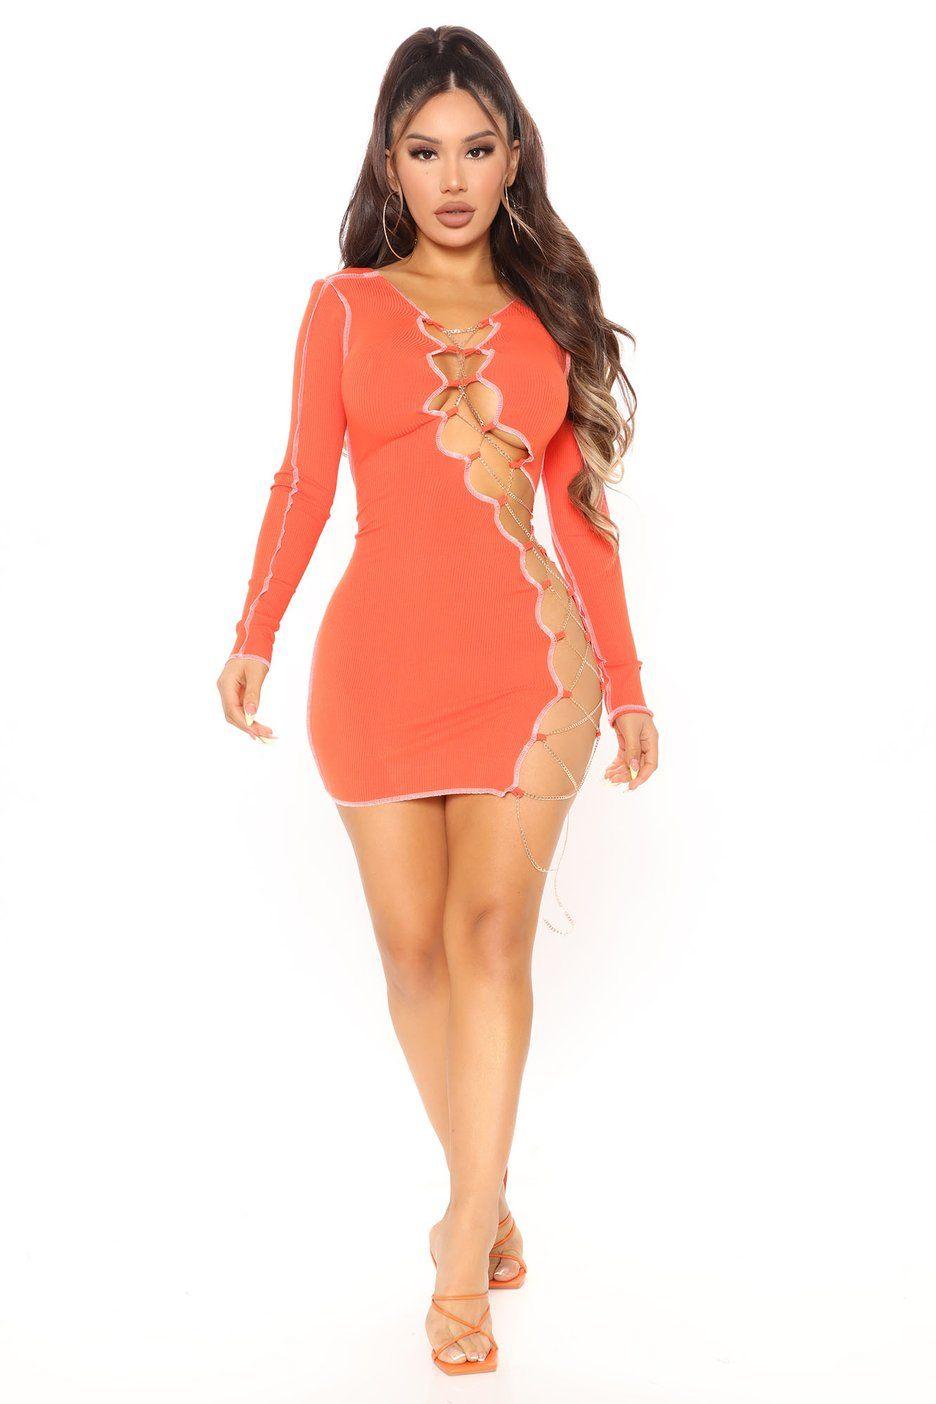 Chain Me Down Mini Dress Orange Dresses Fashion Nova In 2021 Mini Dress Fashion Hacks Clothes Fashion [ 1404 x 936 Pixel ]